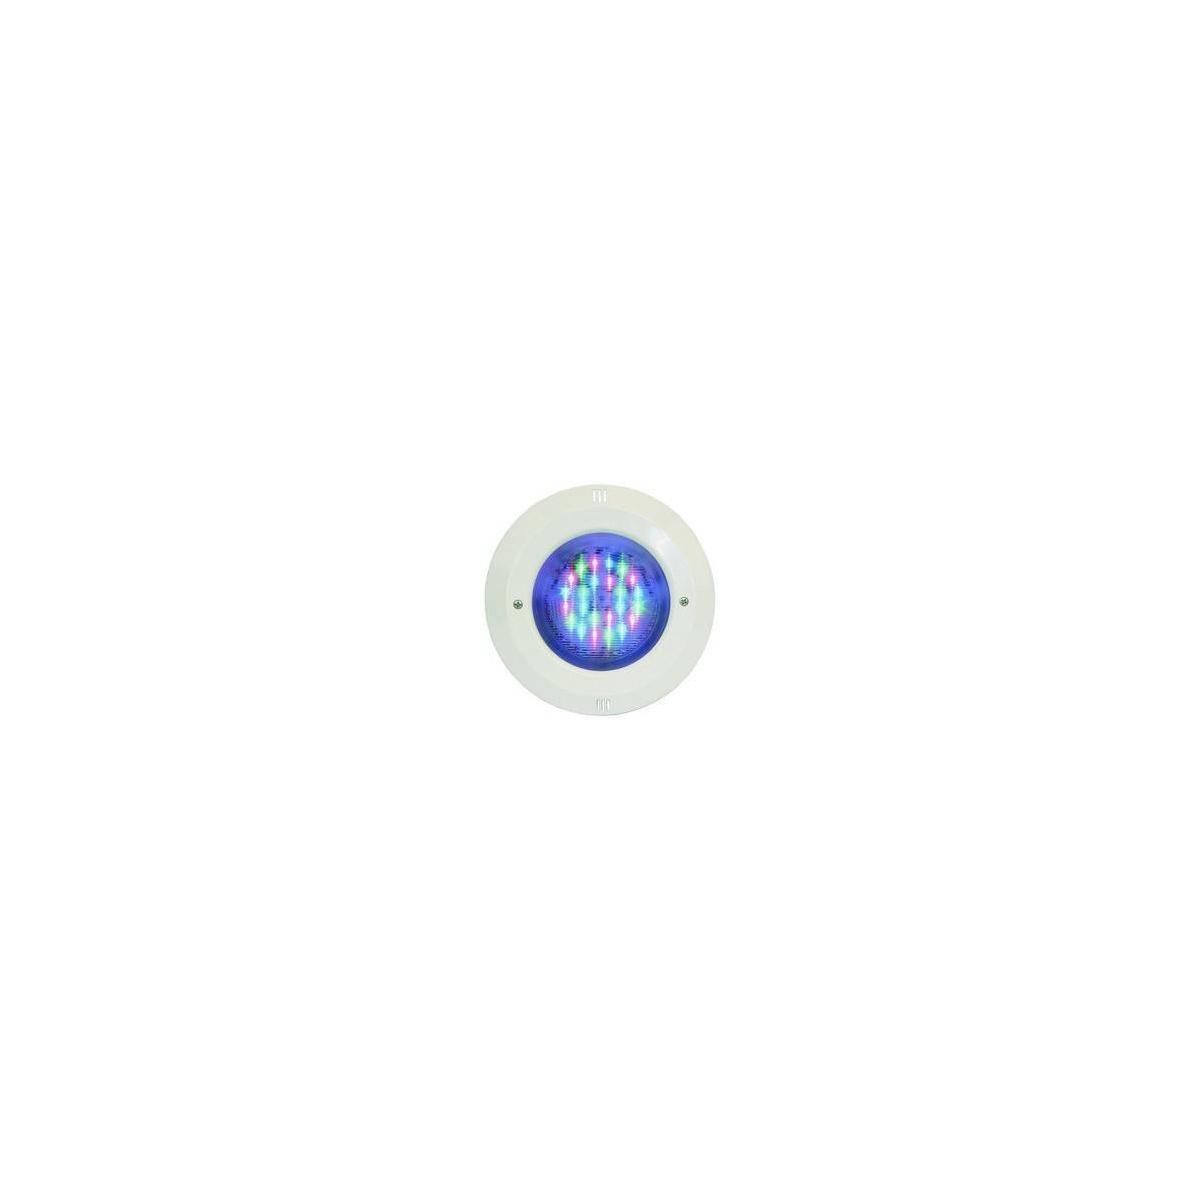 Punto de luz LEDs LumiPlus 2.0 PAR 56